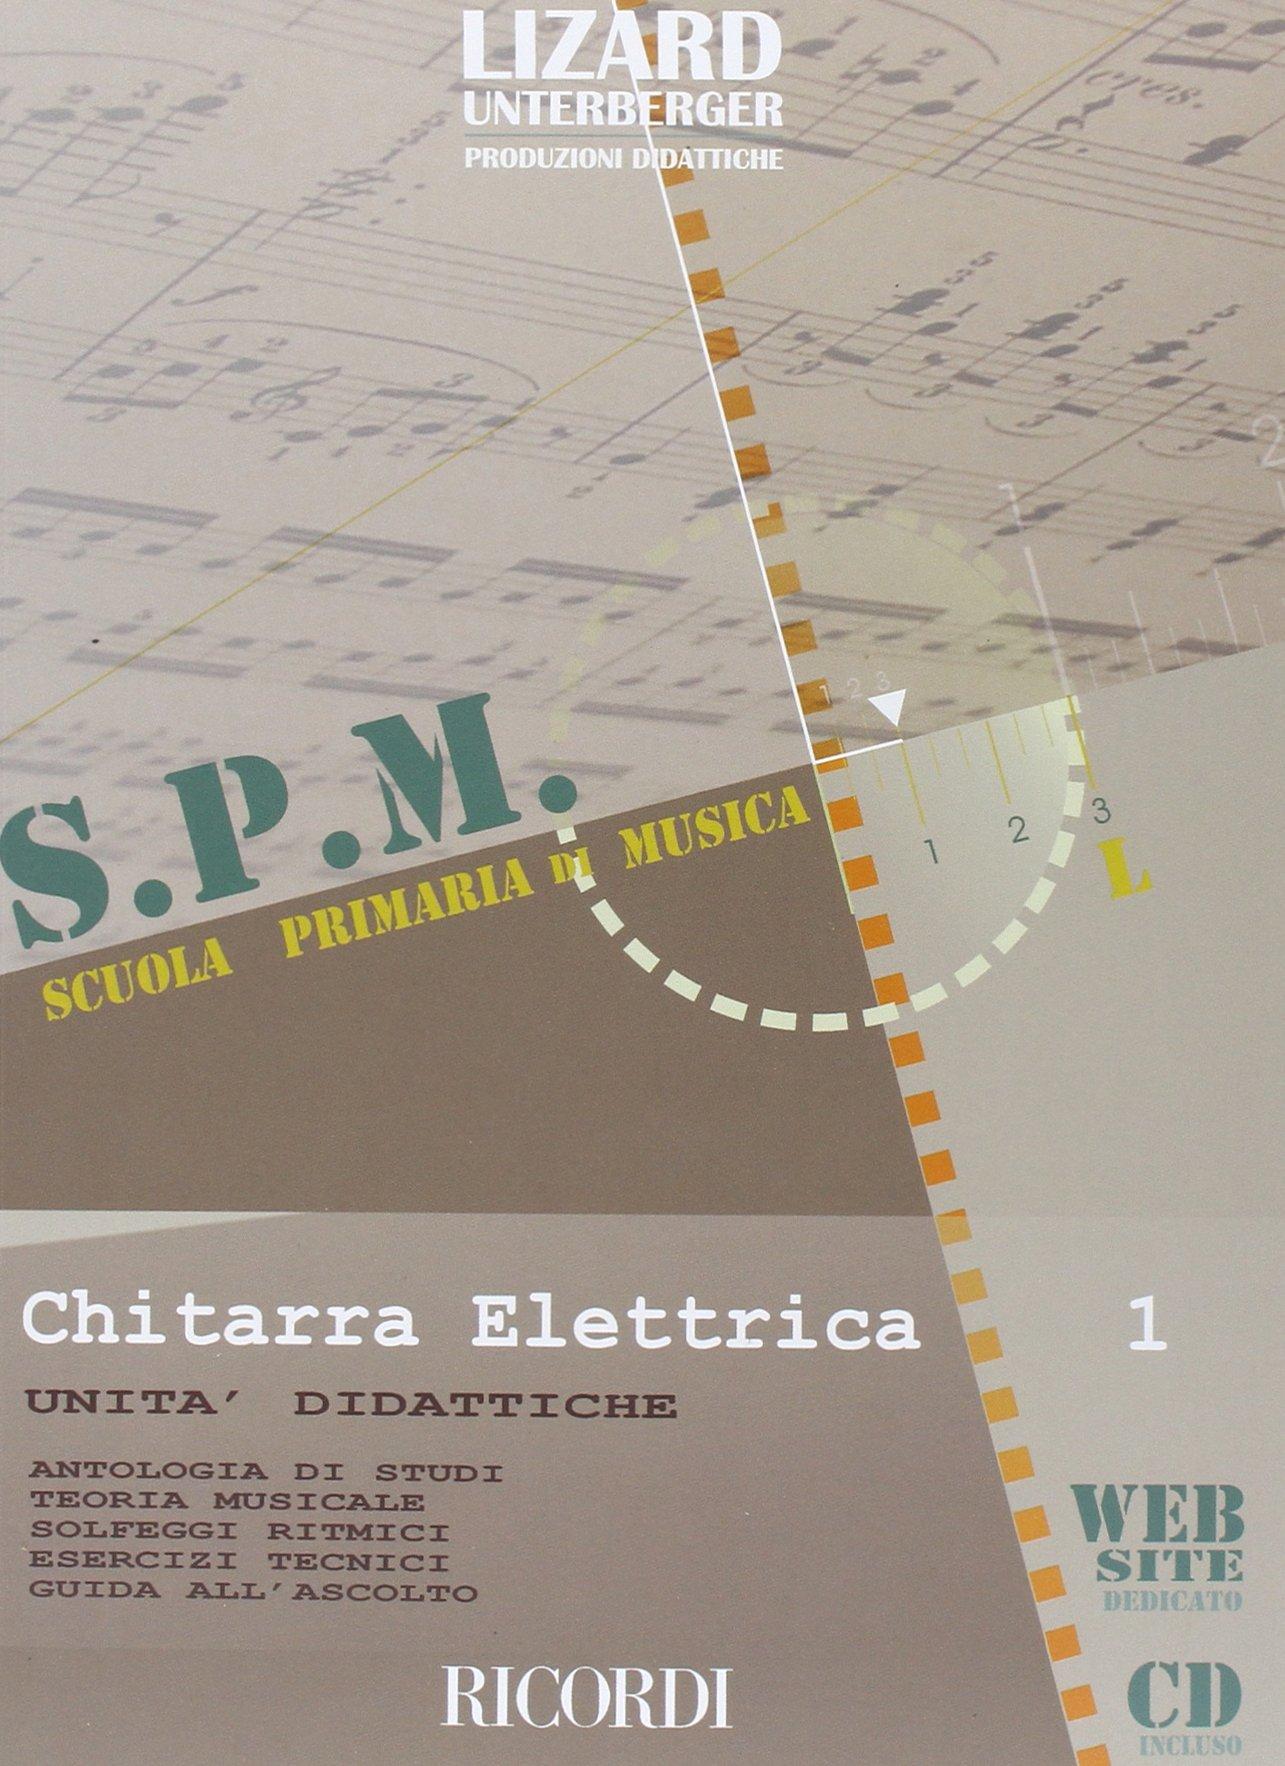 CHITARRA ELETTRICA - VOL. 1 Spartito musicale – 23 mar 2009 BIANCO M. Ricordi 0215107047 Musique - danse